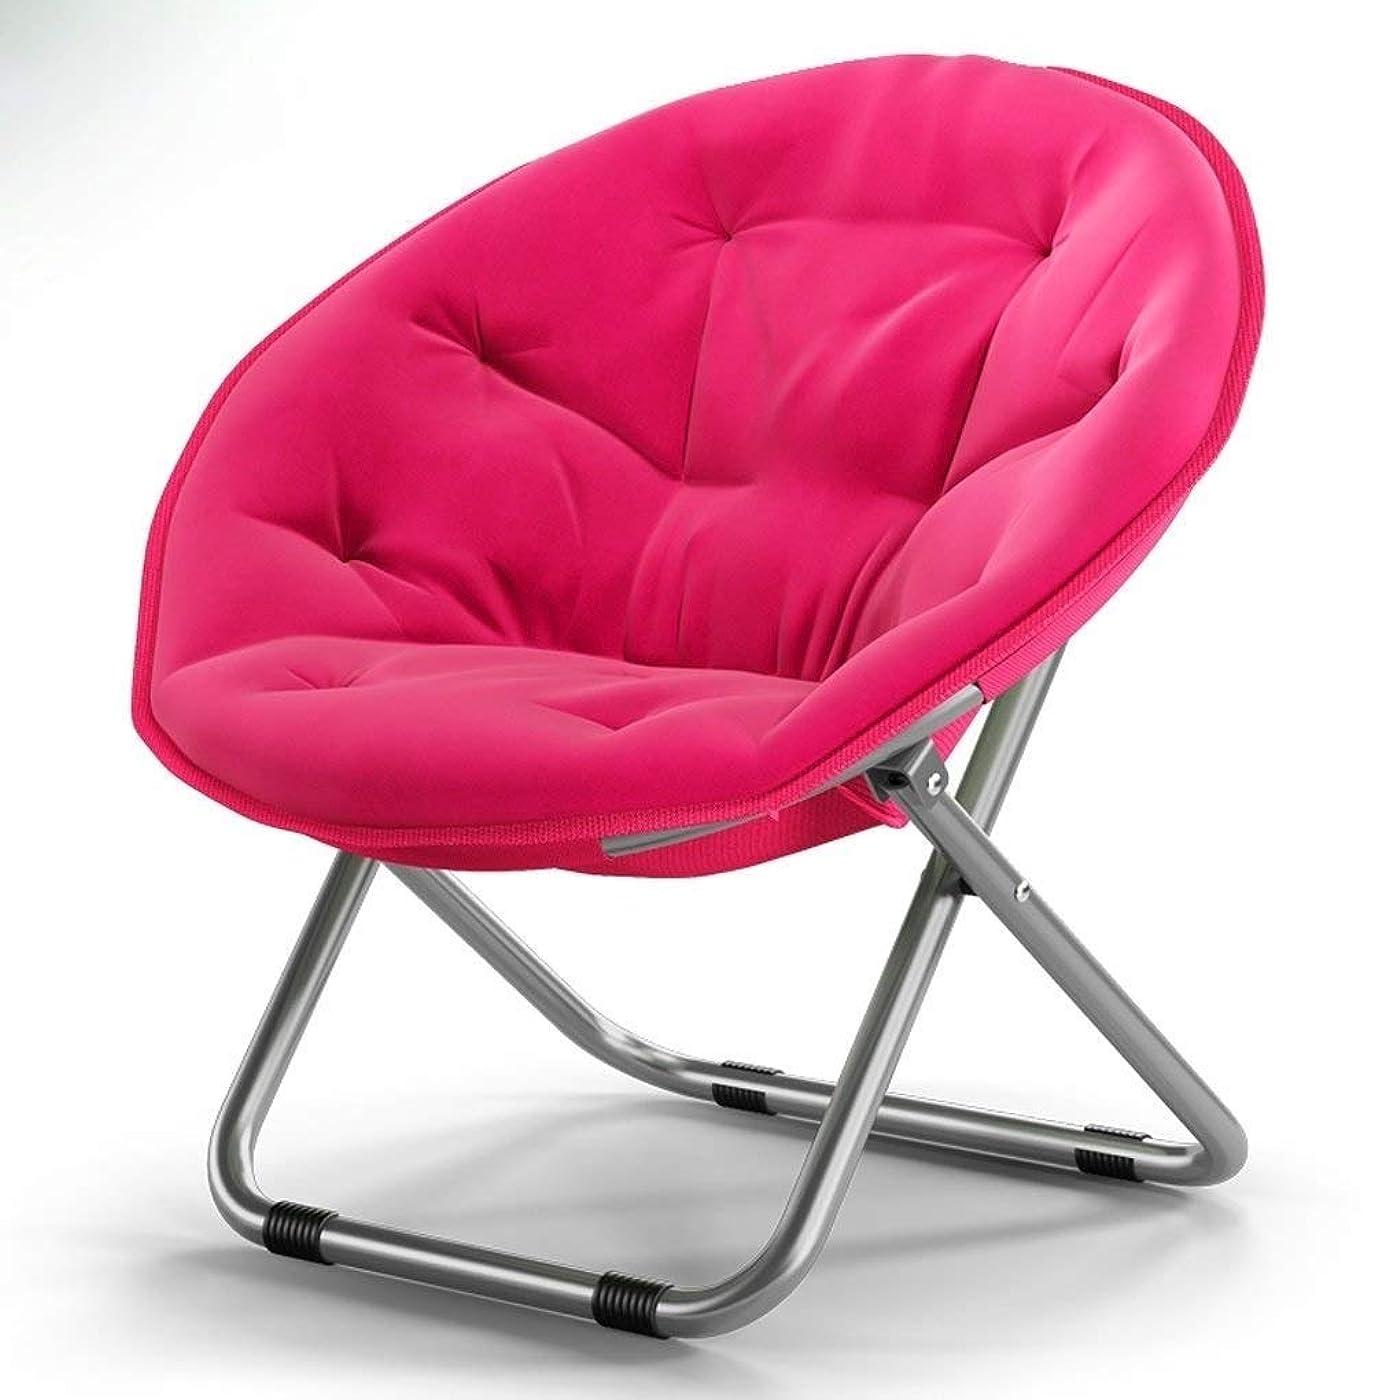 くるくるペルセウスに付けるRANRANJJ 金属フレームが付いているソーサーの椅子庭の日曜日の椅子のあと振れ止めが付いている円形の折りたたみ椅子広く安定した設計鉄骨フレームの積載量150kg (Color : Pink)